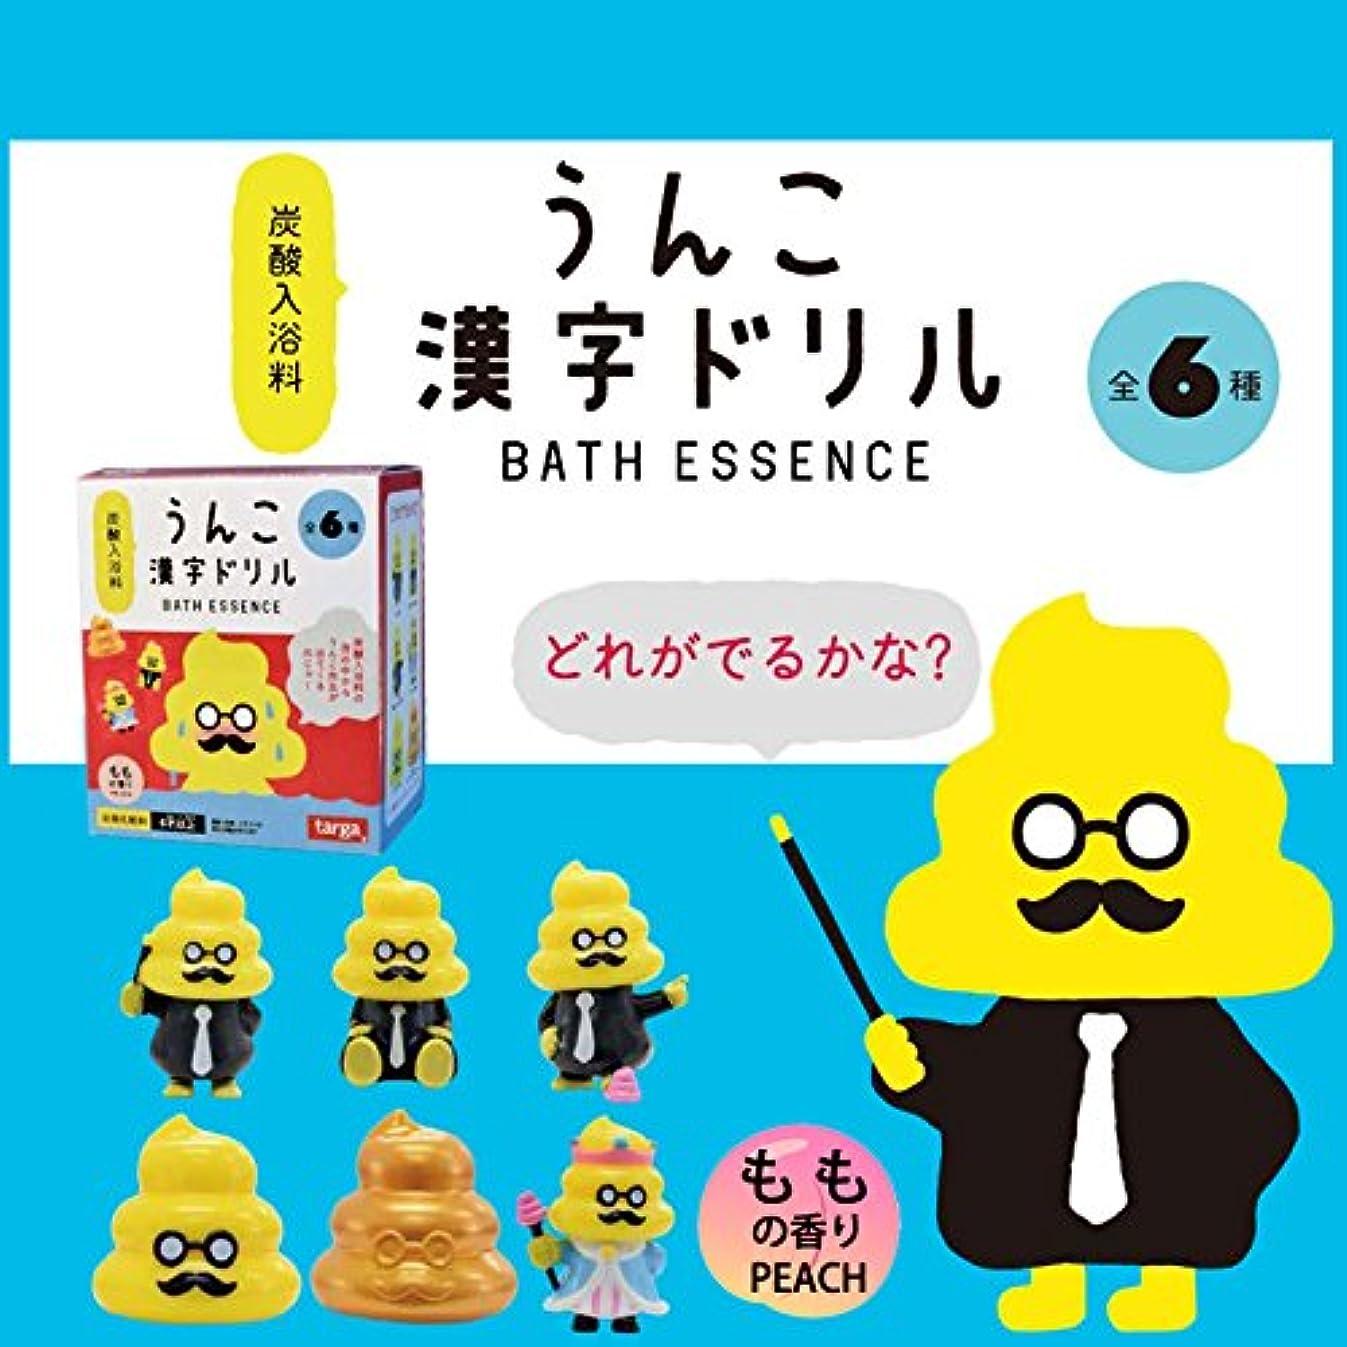 余裕がある傷つける硬化するうんこ漢字ドリル 炭酸入浴料 6個1セット 入浴剤